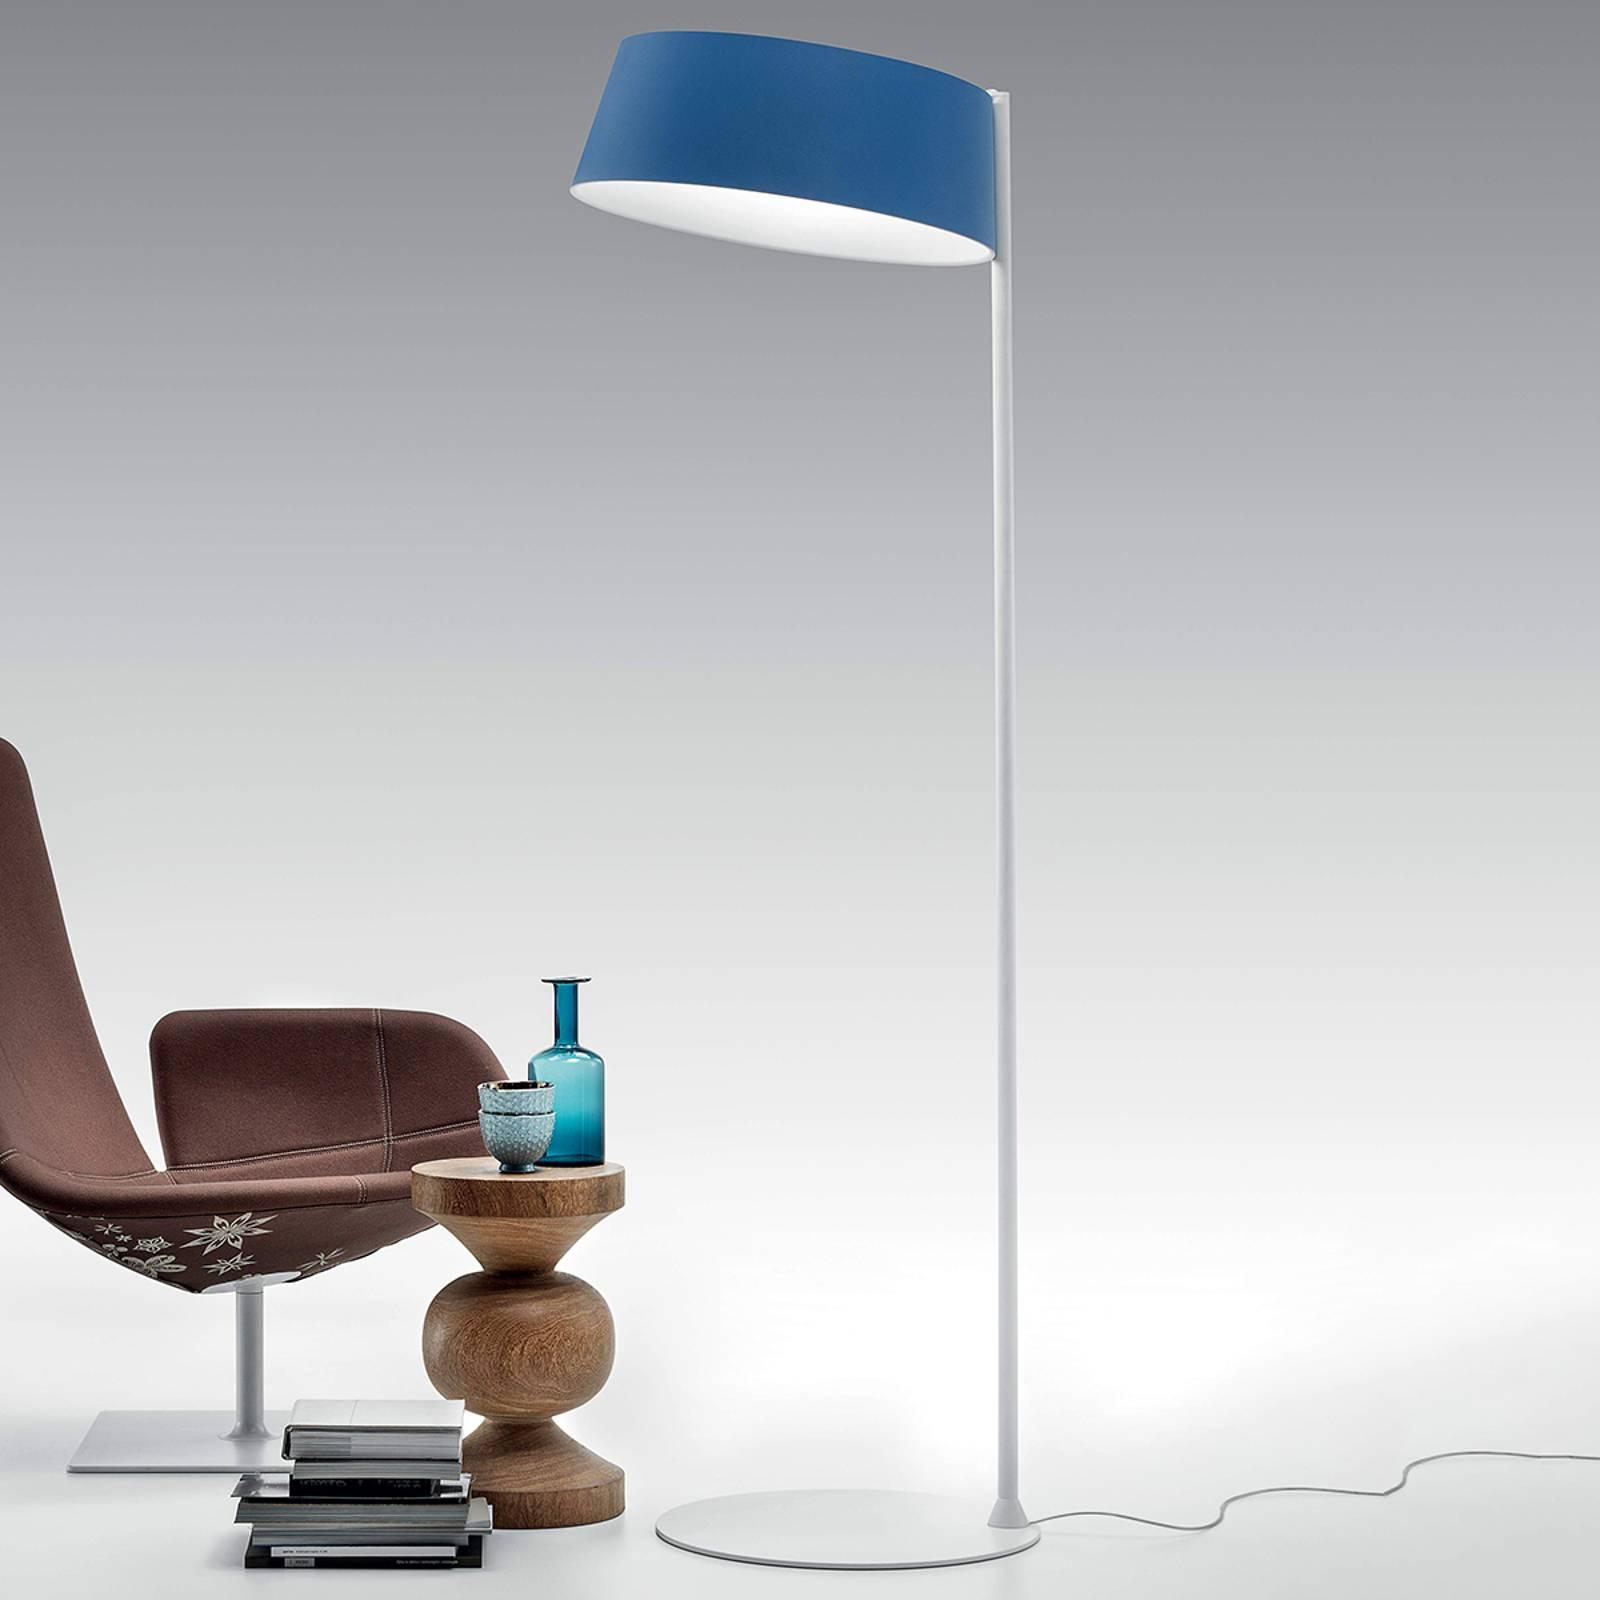 LED-lattiavalaisin Oxygen_FL2, sininen design